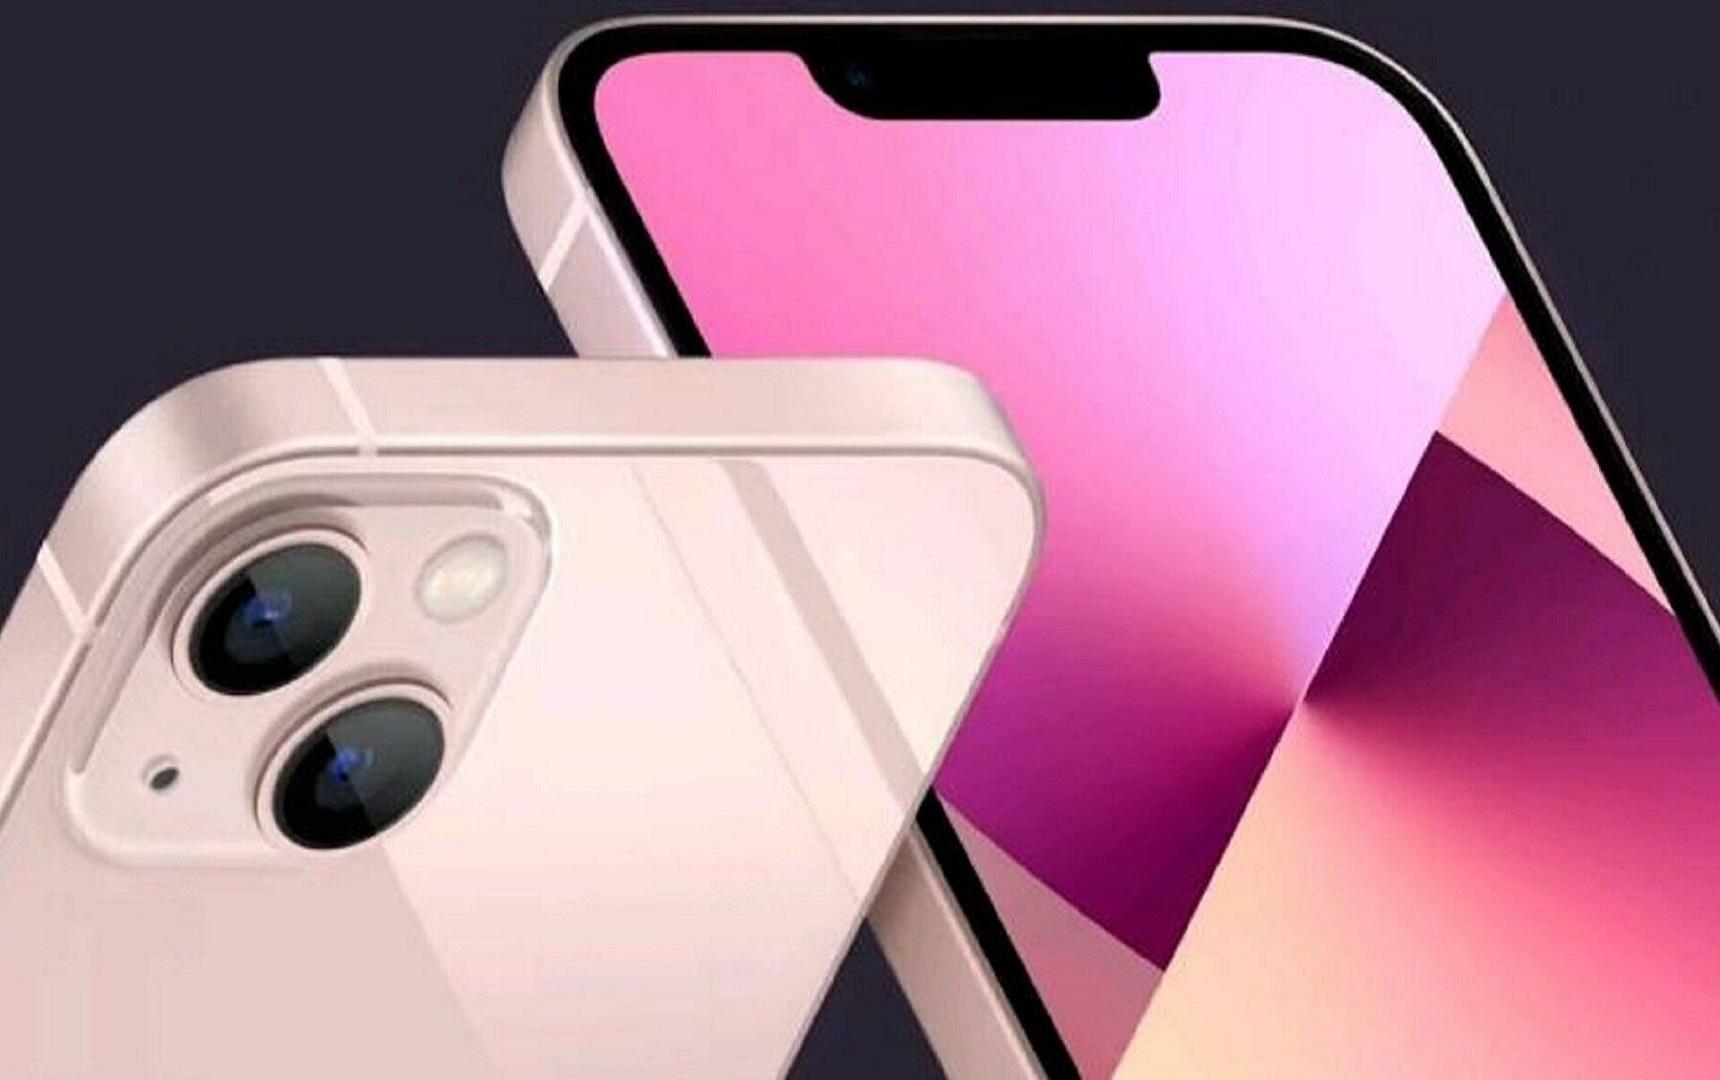 iphone 13 tanitildi ozellikleri ve fiyati